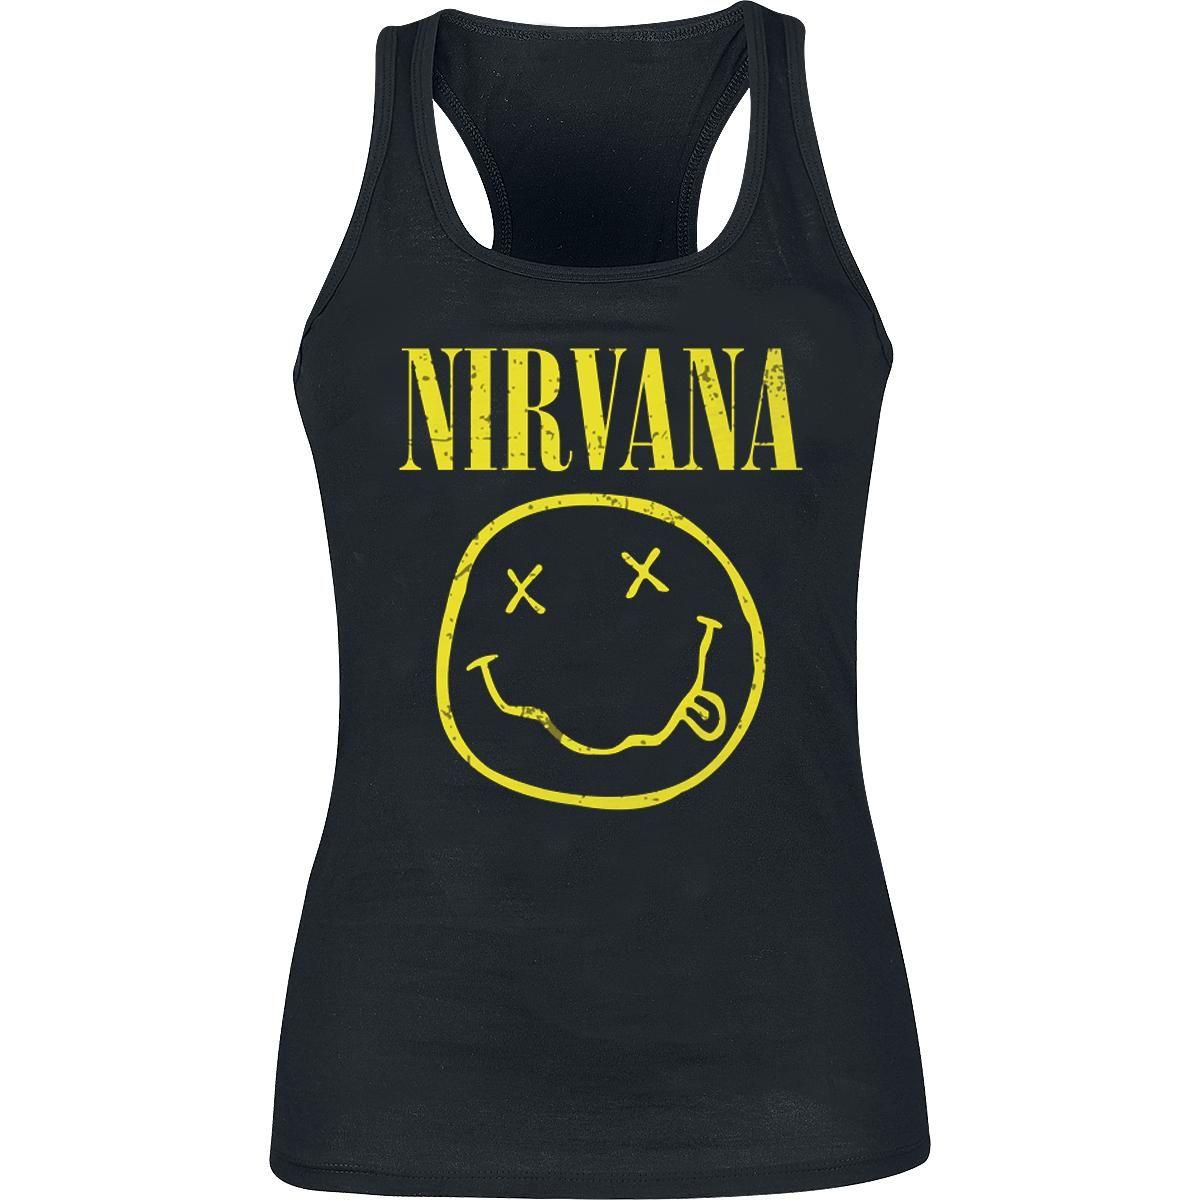 - tryk på fronten. - rund hals. - ærmeløs  Grunge vil leve forevigt. Det samme vil Nirvanas musik. Nirvana var Grunge legende nr. 1. Og så handler det selvfølgelig om Kurt Cobain, der nu selv befinder sig oppe i musik-nirvana med alle de ander afdøde, musikalske helte.